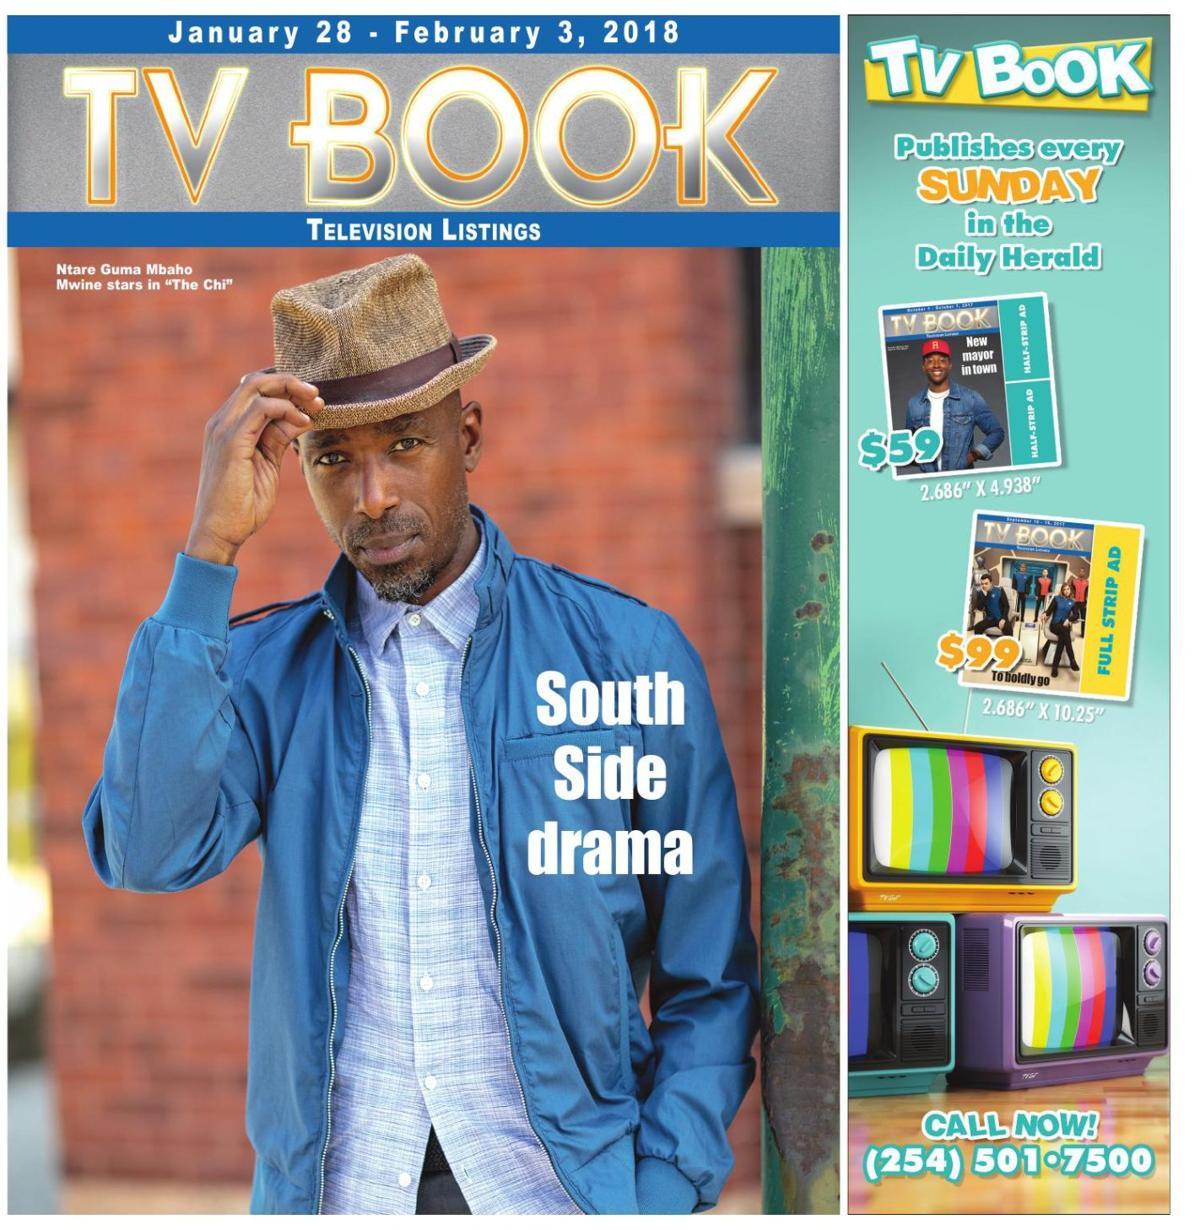 TV Book Jan. 28th - Feb. 3rd